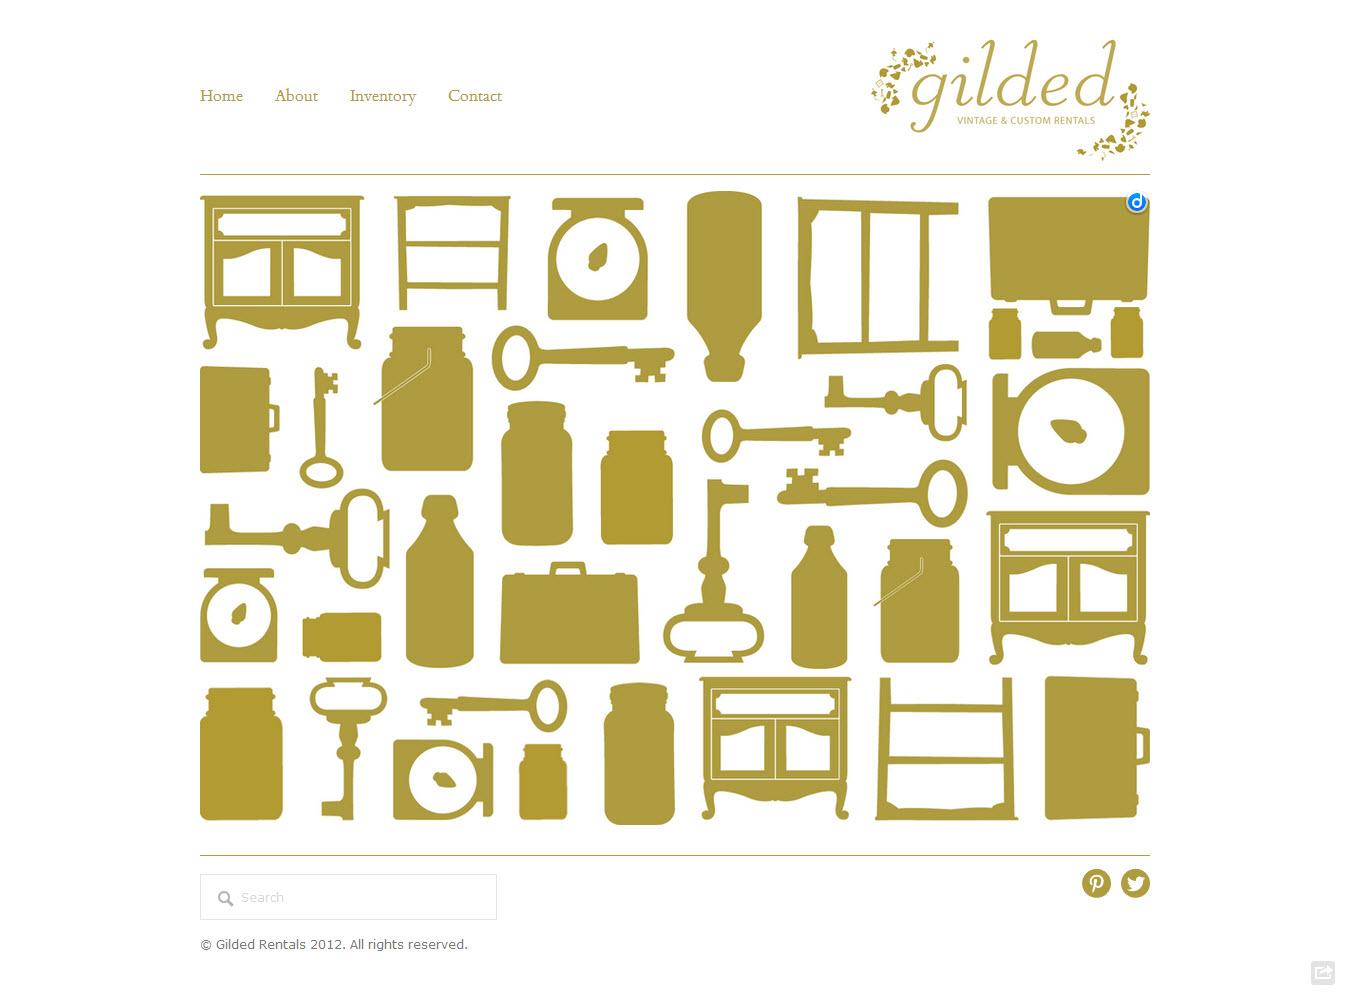 Gilded Rentals